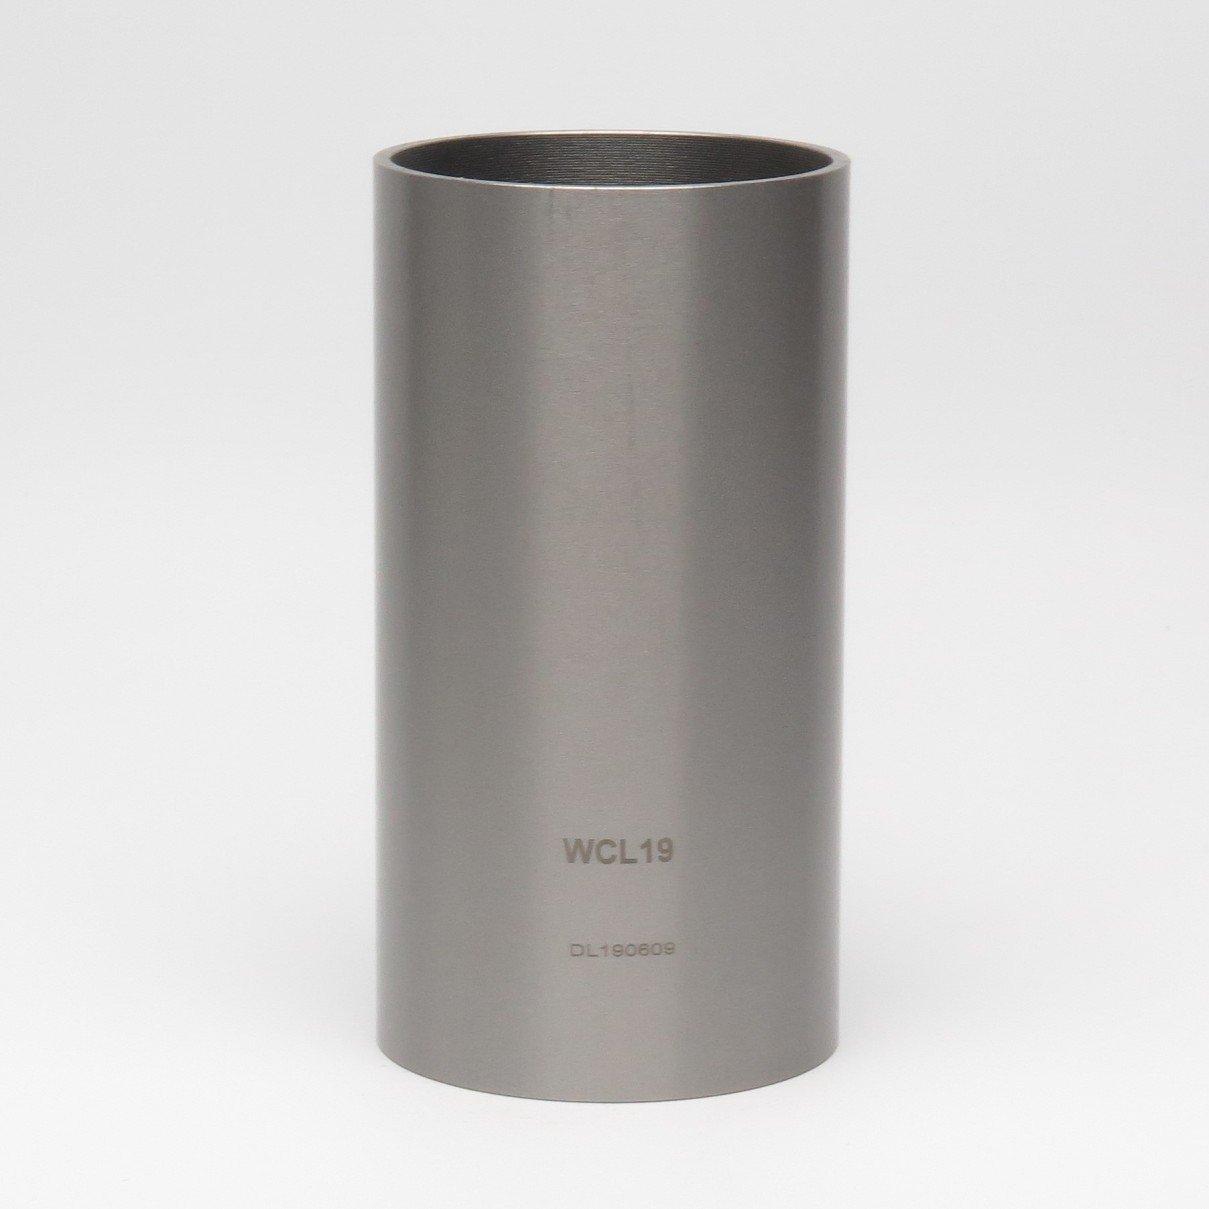 WCL 19 - Plain Repair Liner